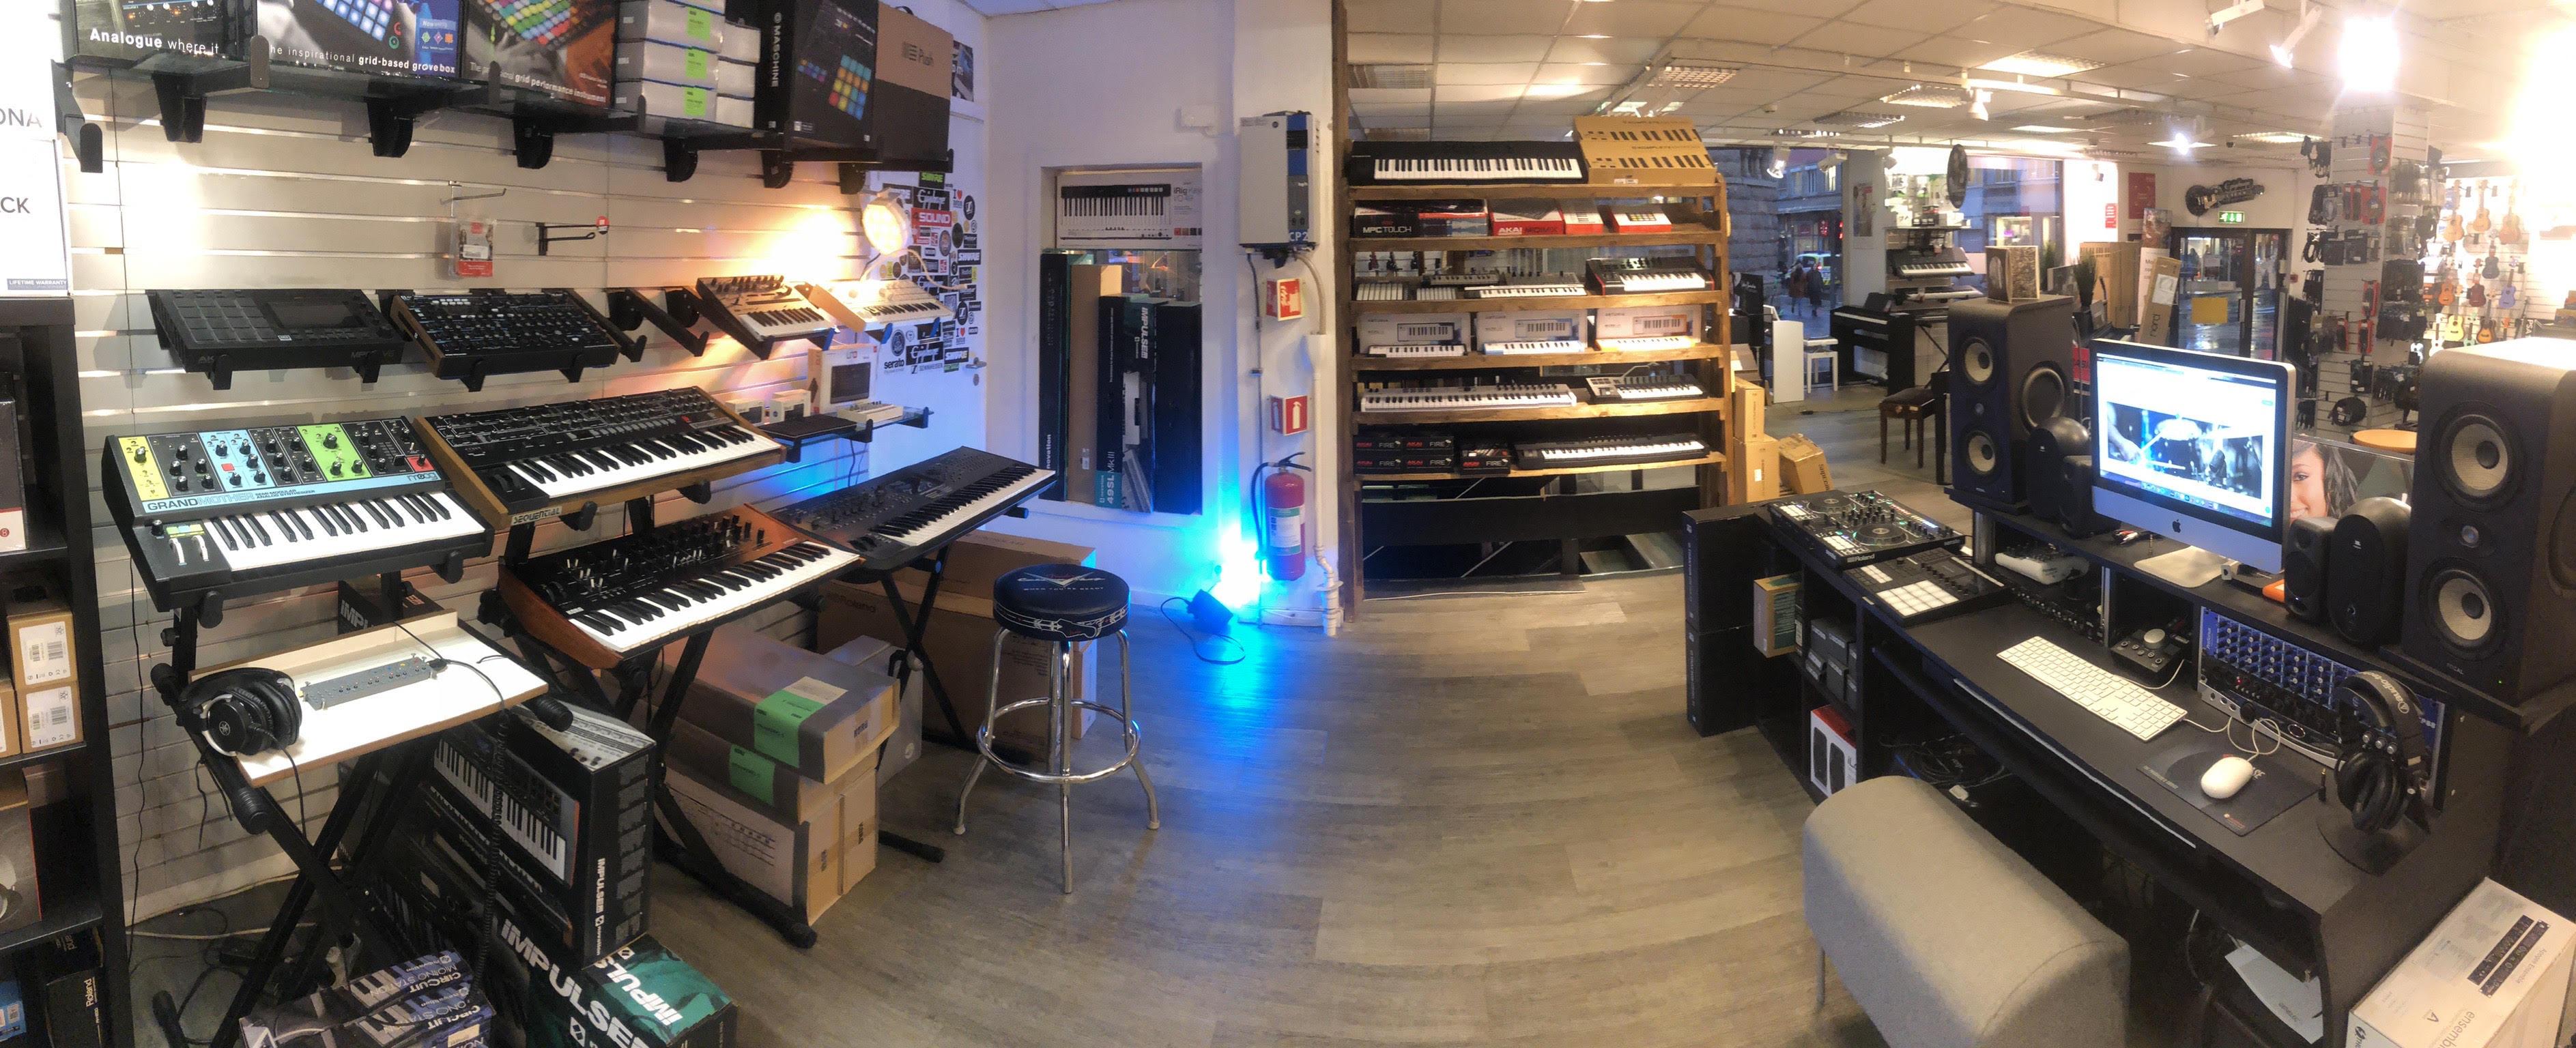 studio panorama 2.jpg